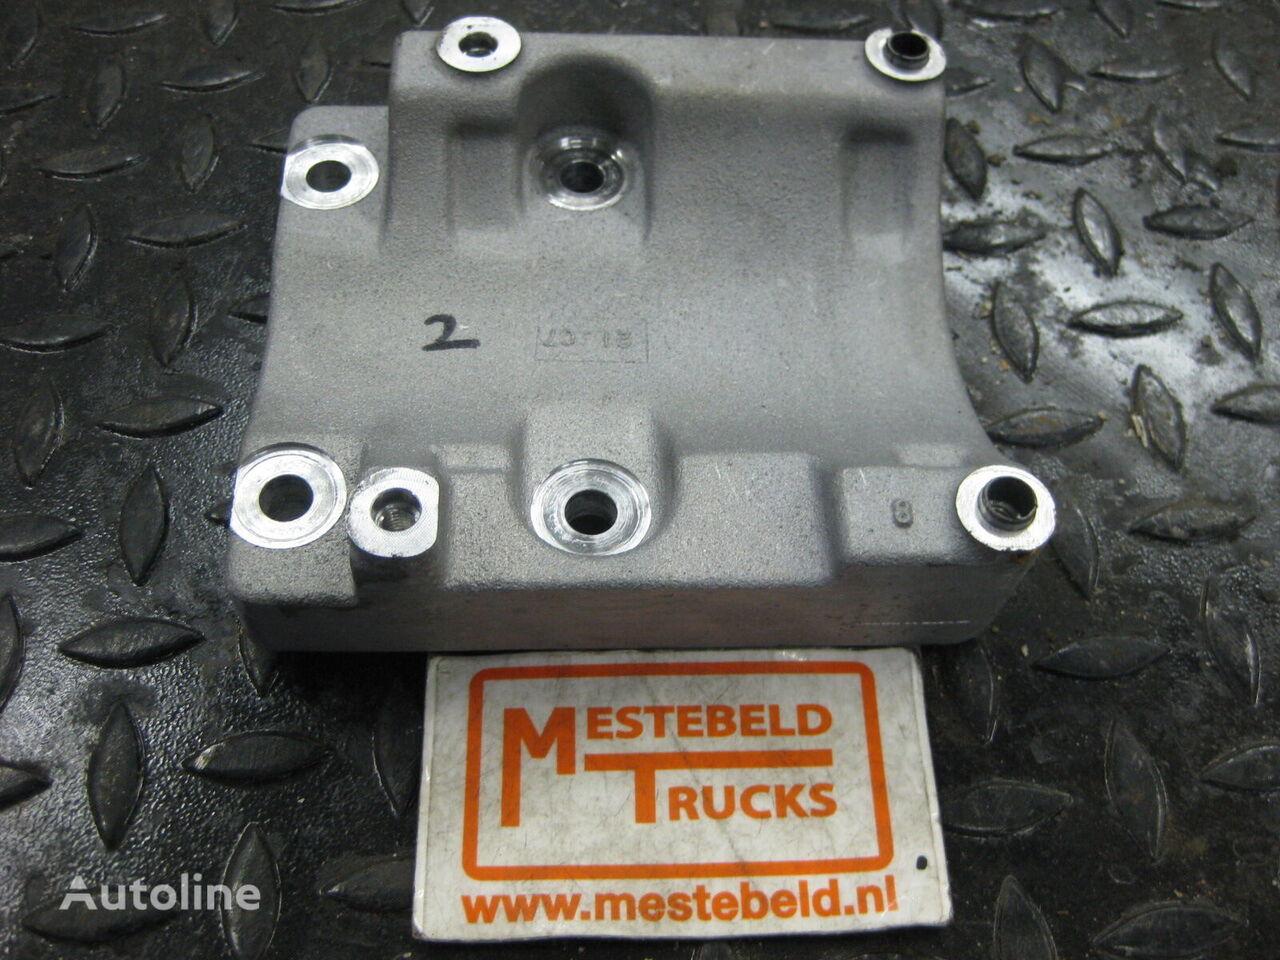 MERCEDES-BENZ Steun aircopomp airconditioner compressor voor MERCEDES-BENZ Atego vrachtwagen